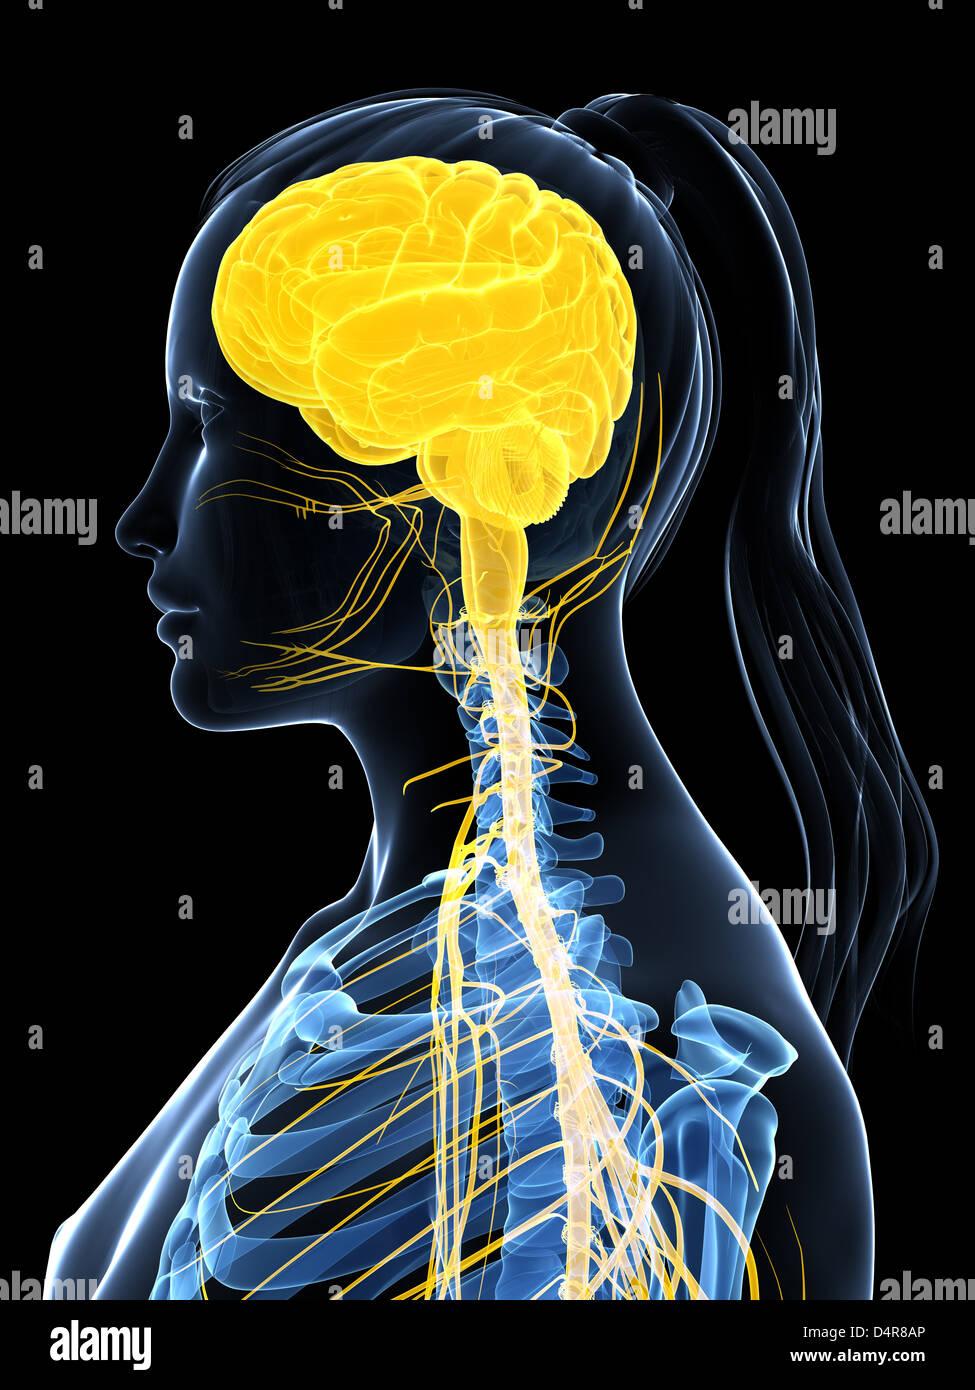 Nervous system diagram stock photos nervous system diagram stock female nervous system stock image ccuart Images